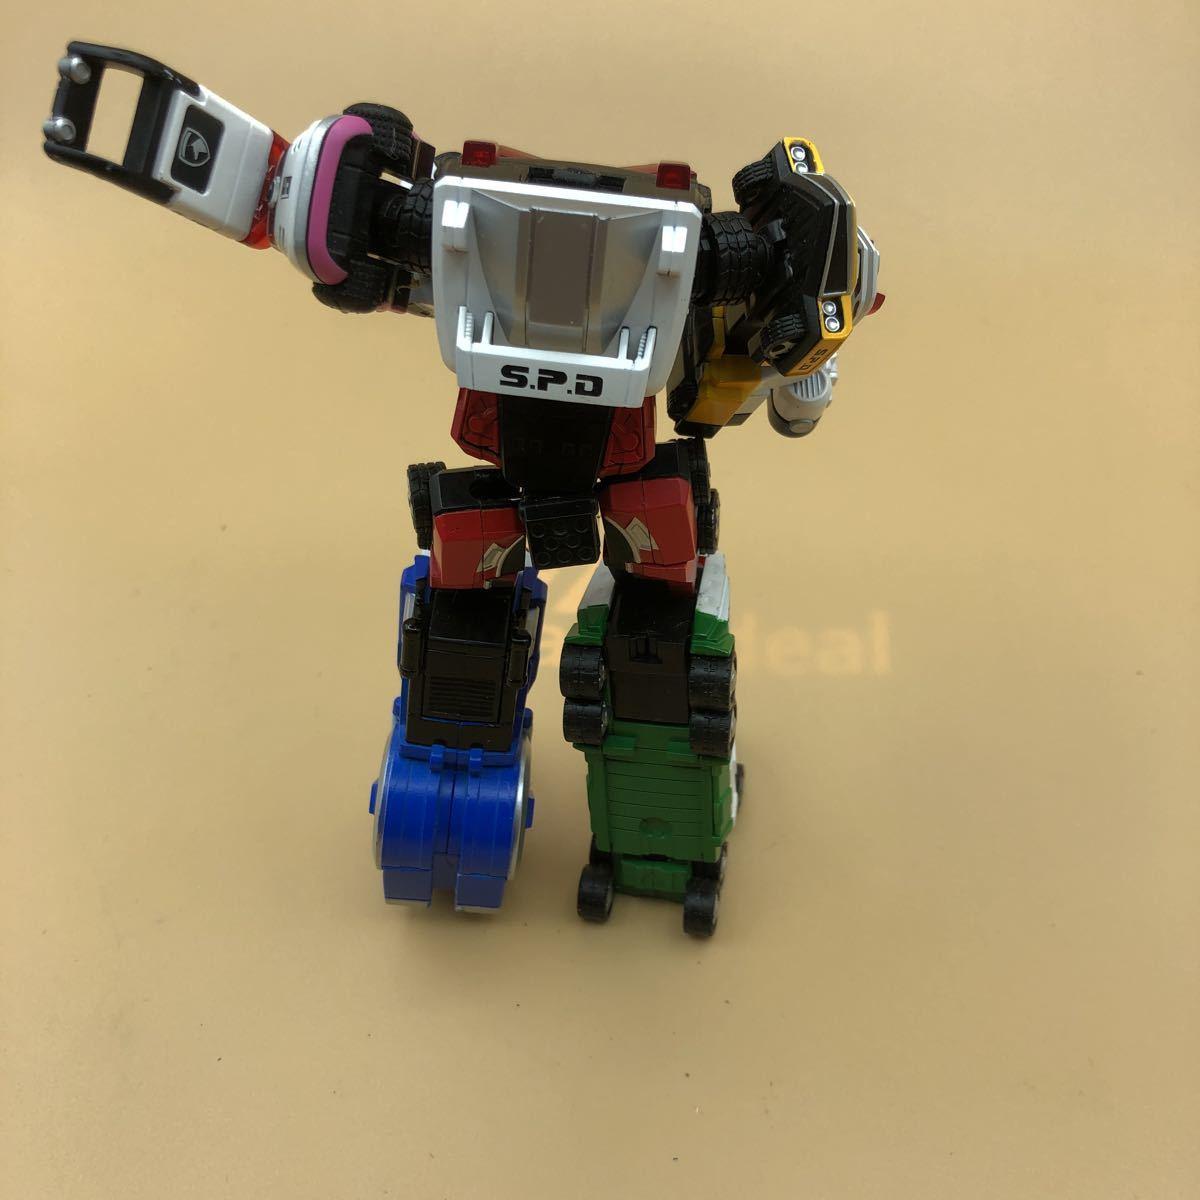 戦隊シリーズ スーパーロボット超合金 特捜戦隊デカレンジャー デカレンジャーロボ パーツ欠損有_画像5